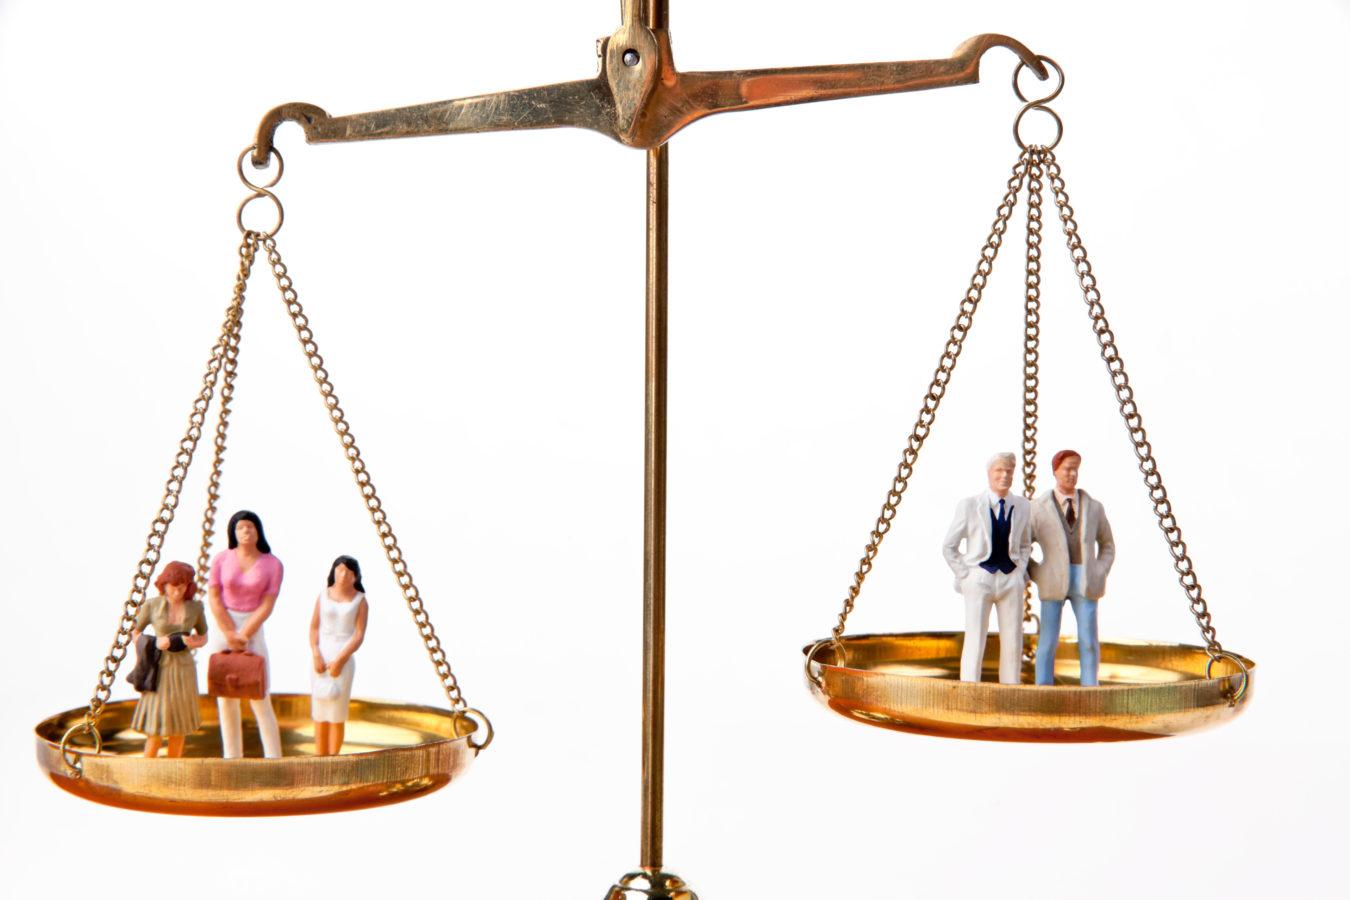 Les discriminations salariales entre femmes et hommes diminuent légèrement